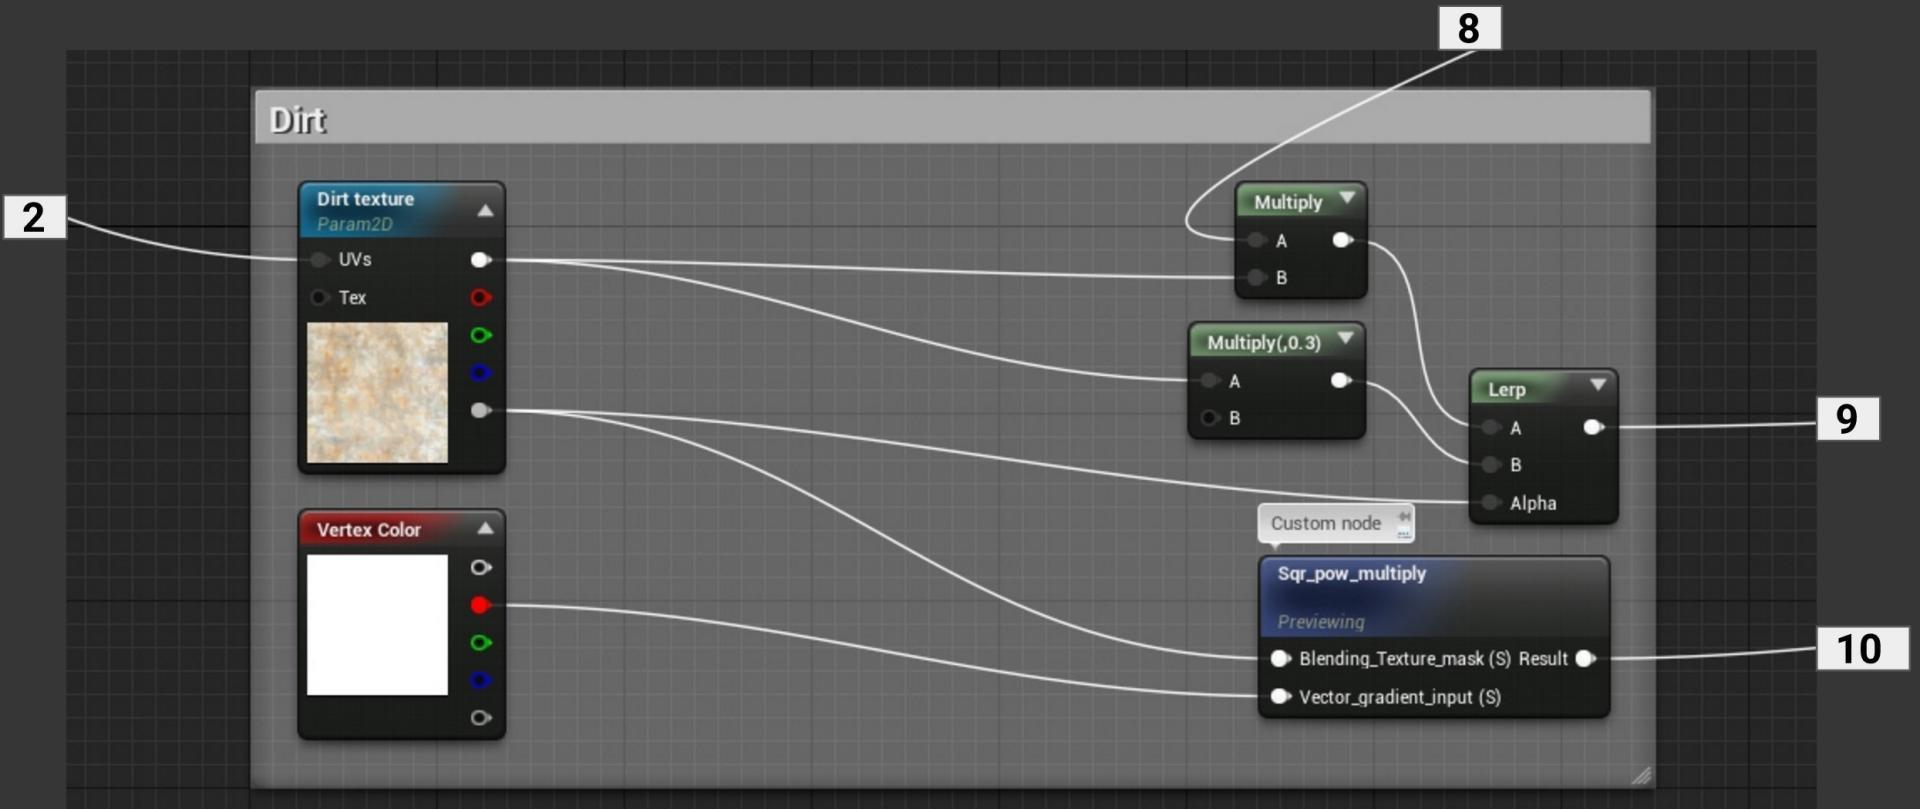 Materiały w Unreal Engine 4 - Kompletny proces tworzenia